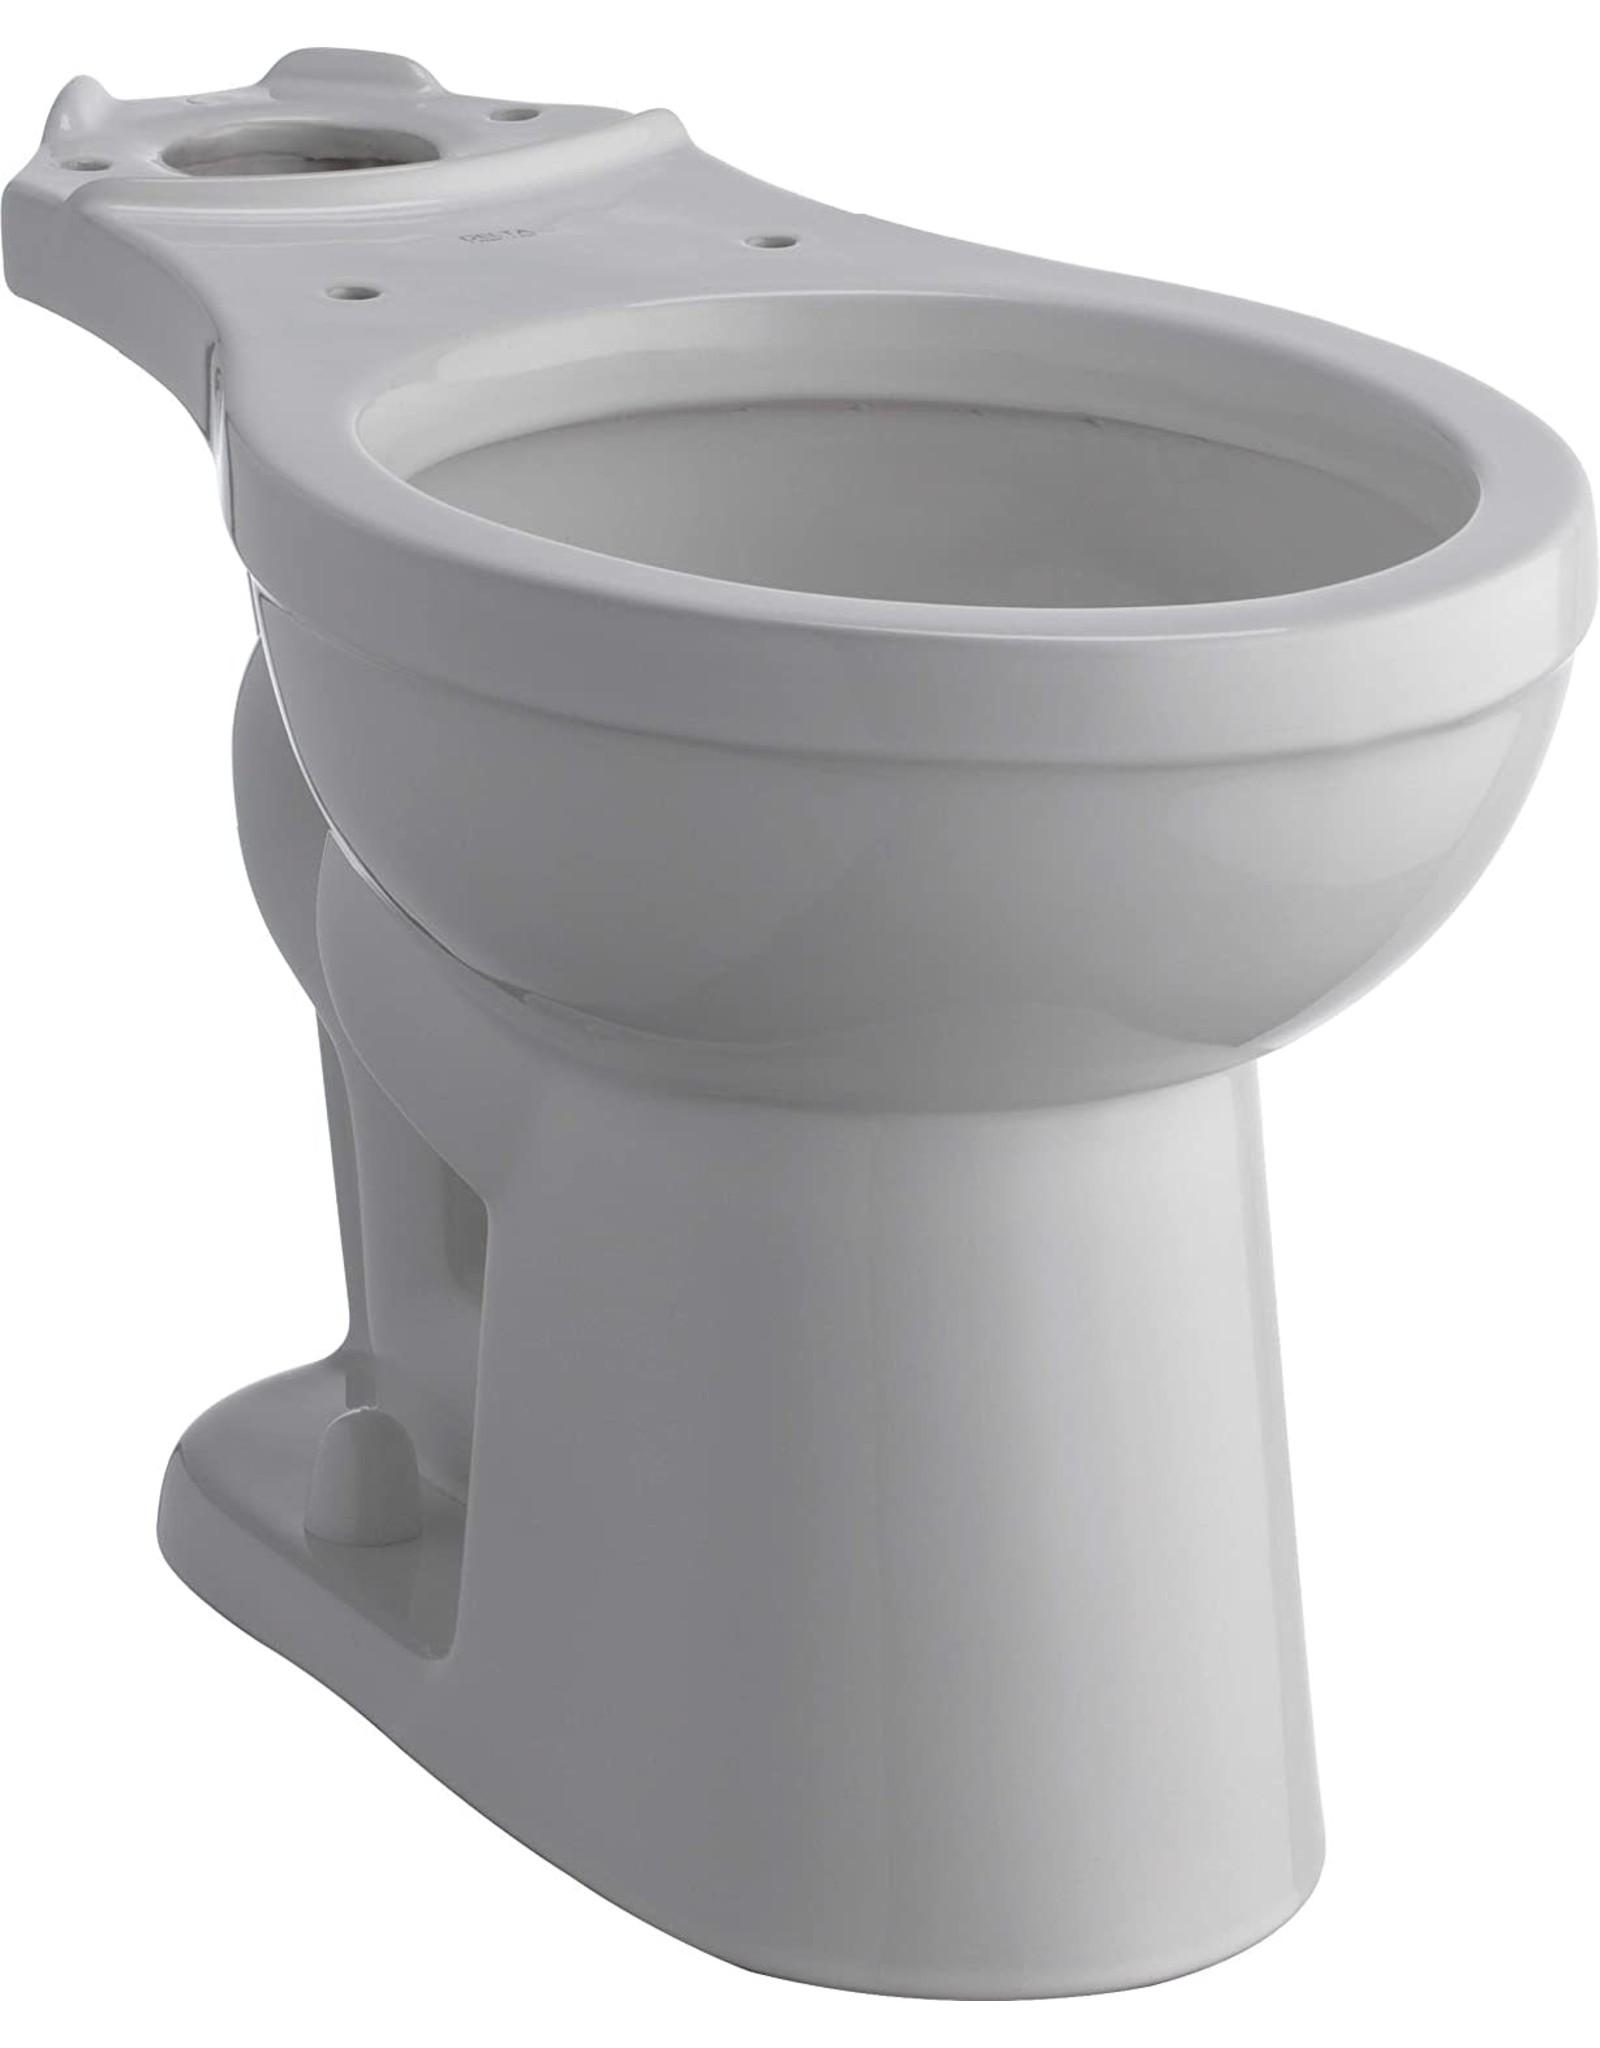 DELTA FAUCET Haywood Toilet by DELTA FAUCET, C23905-H-WH, White